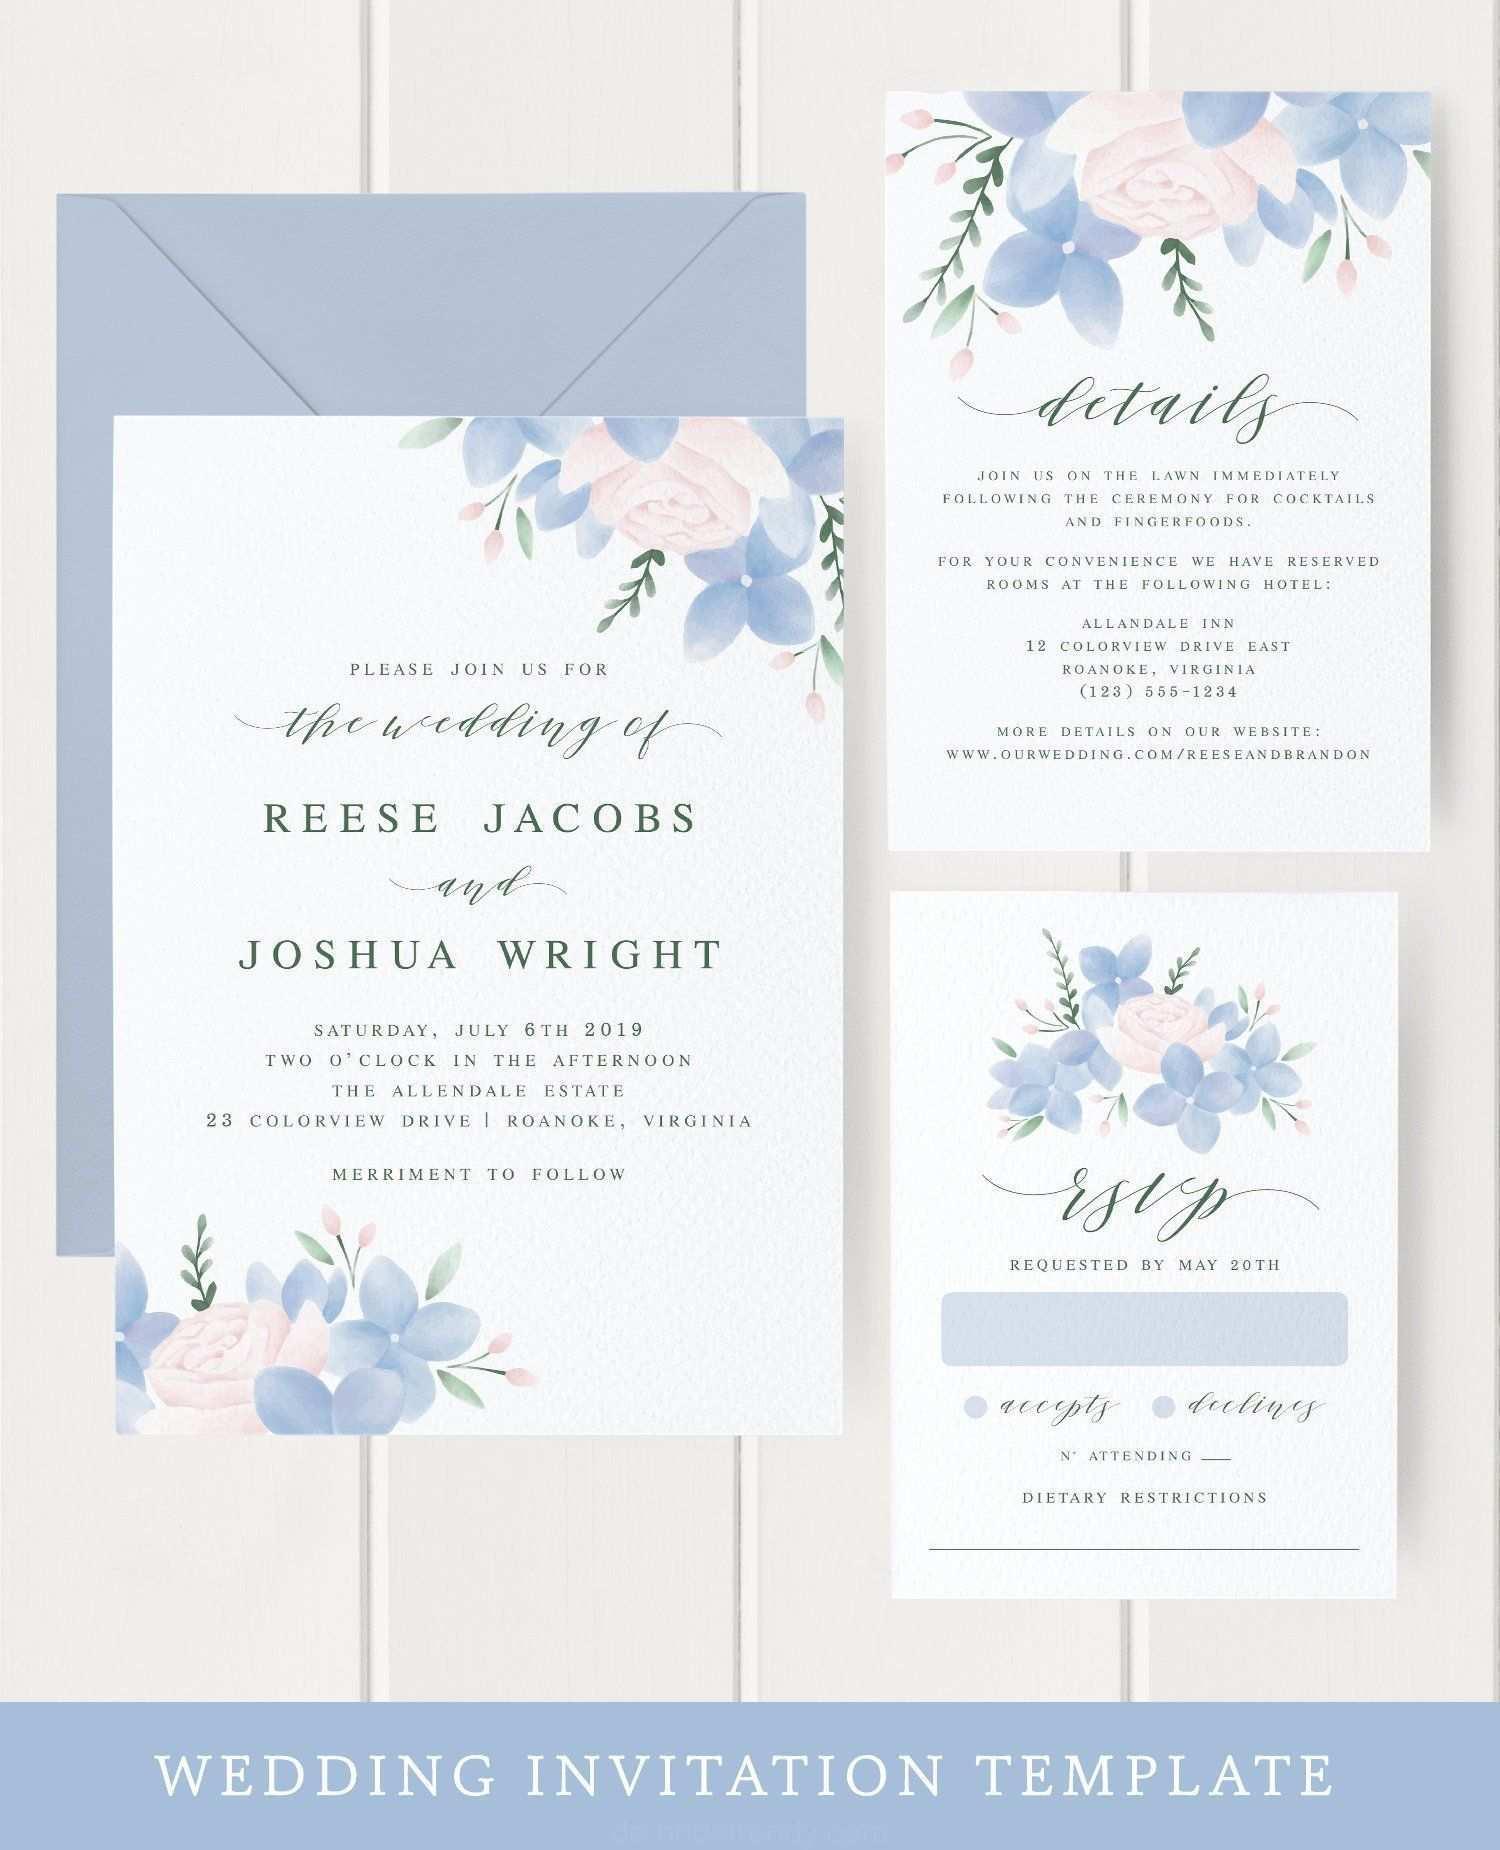 Blaue Blumen Hochzeits Einladung Vorlage Download Elegante Hochzeitseinlad Vorlagen Fur Hochzeitseinladungen Hochzeitseinladung Elegante Hochzeitseinladungen